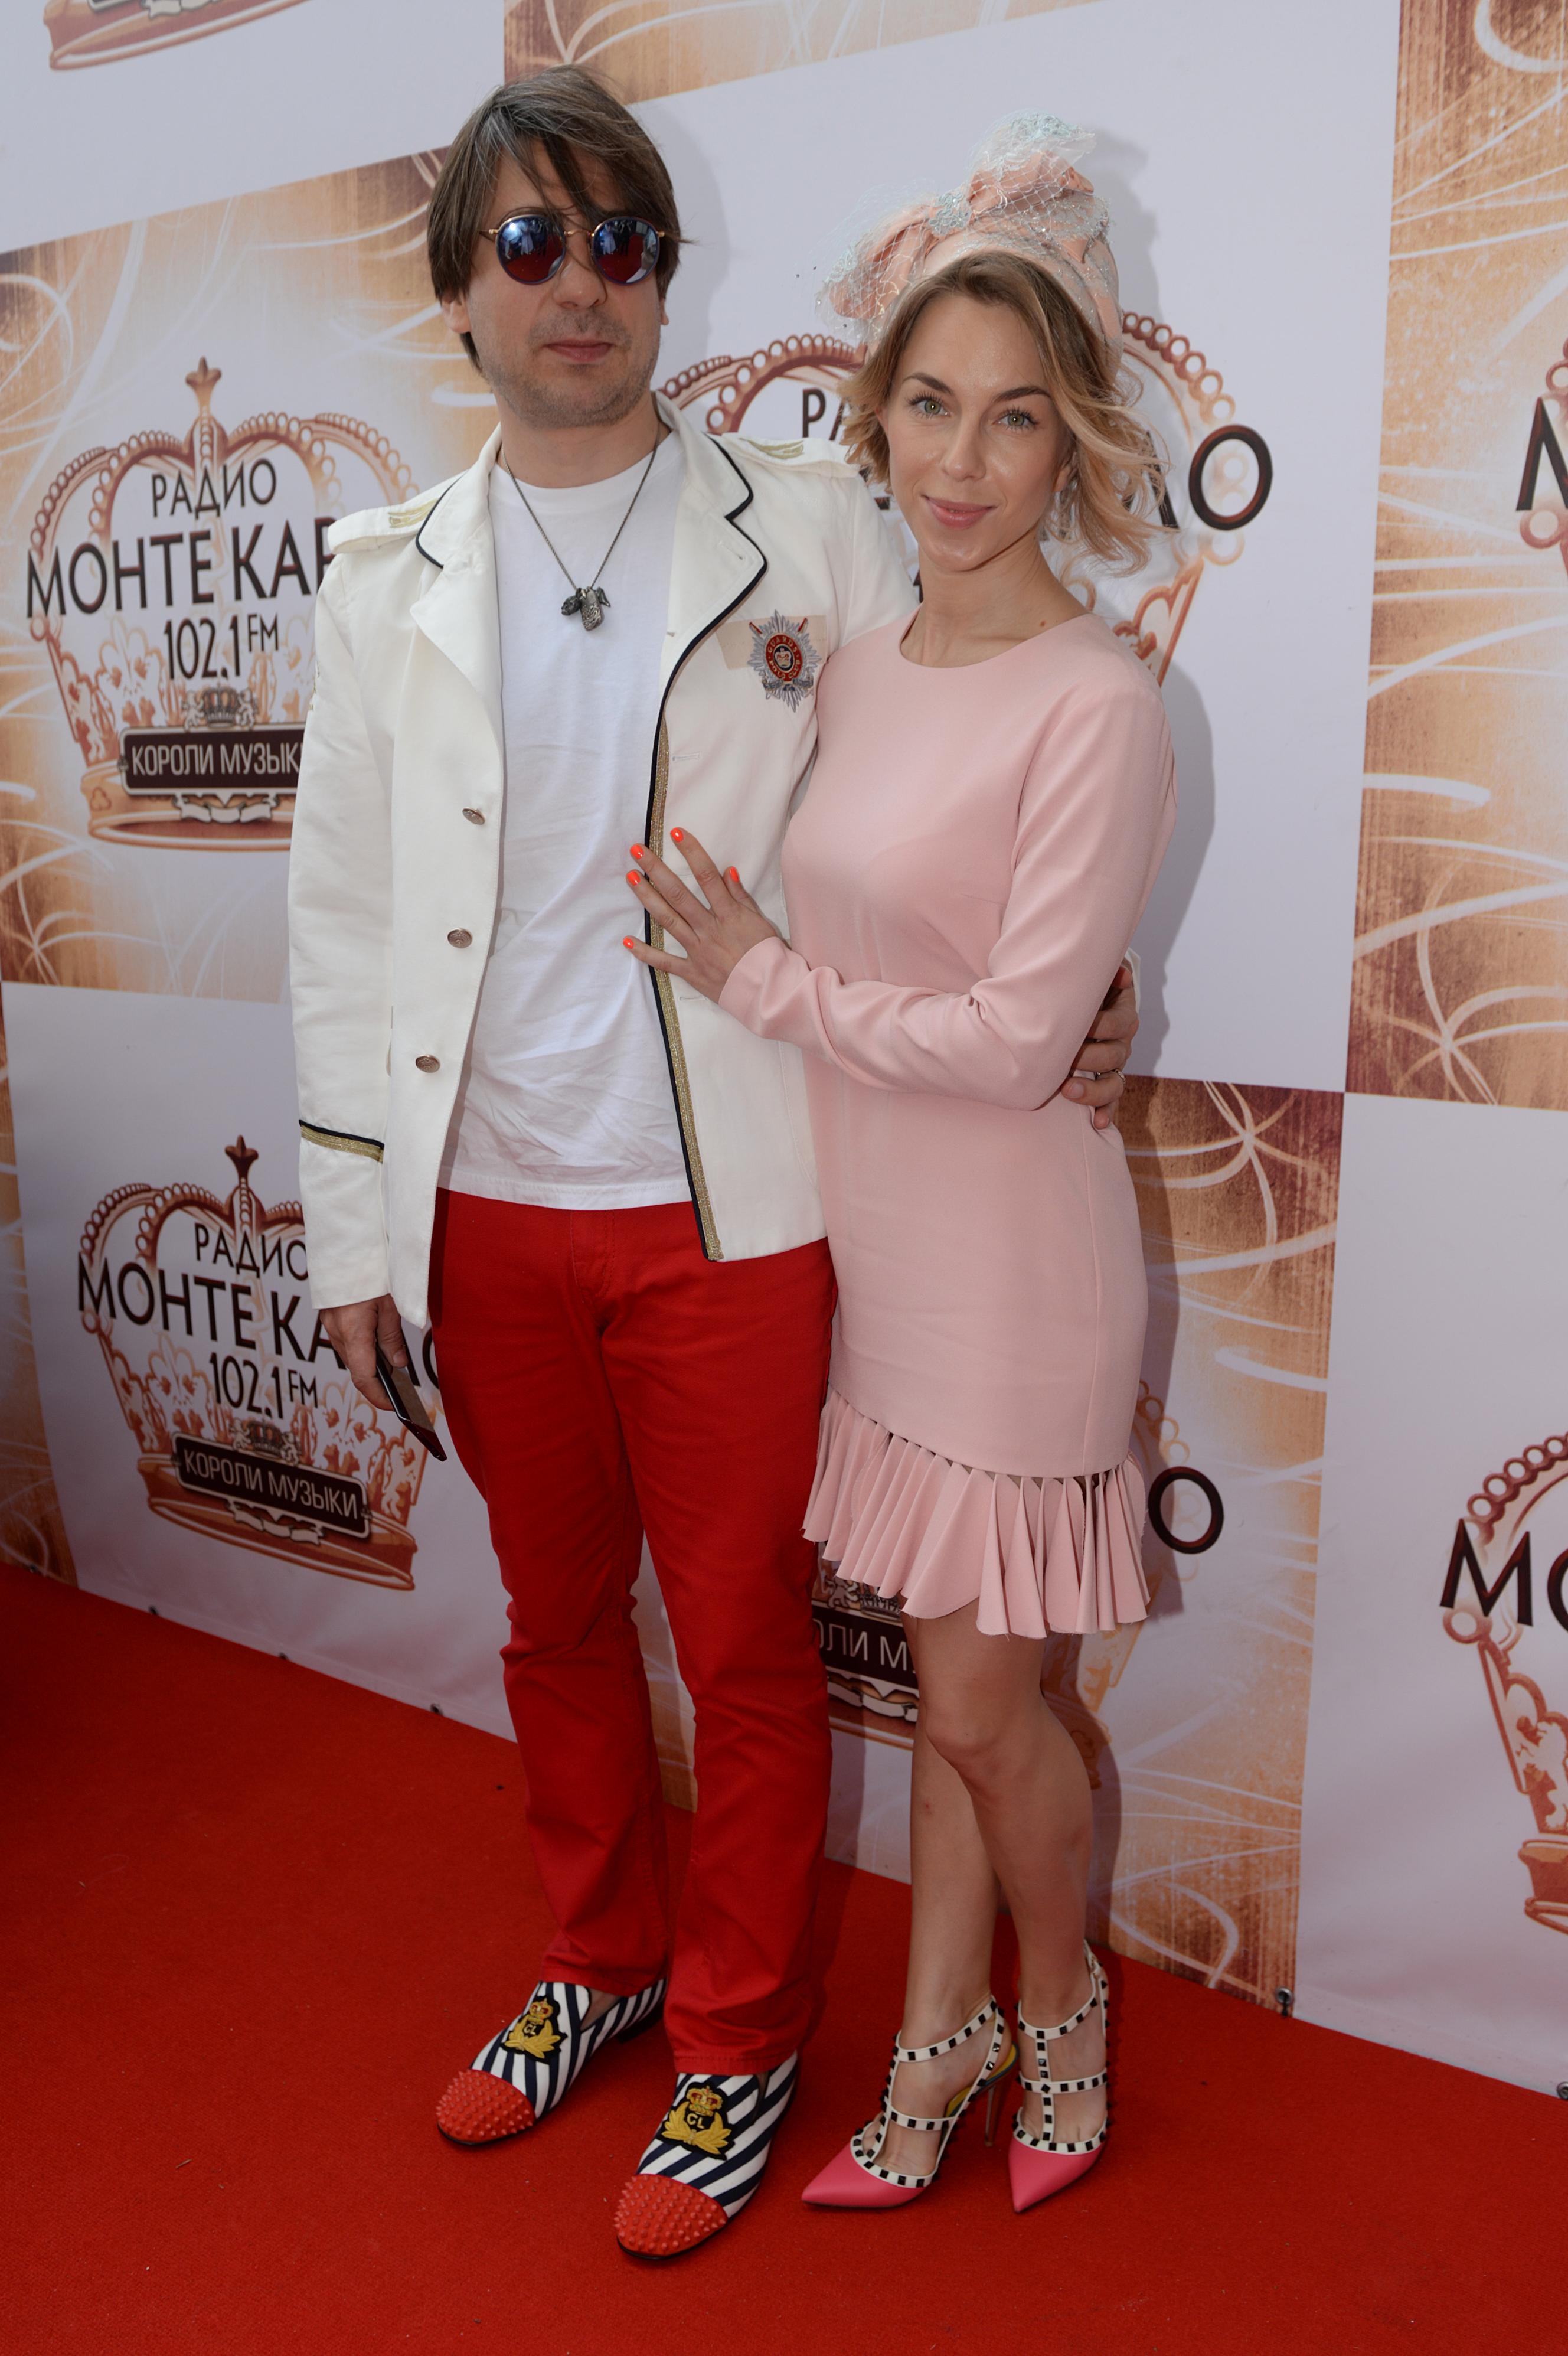 Программный директор «Русского радио» Роман Емельянов с женой